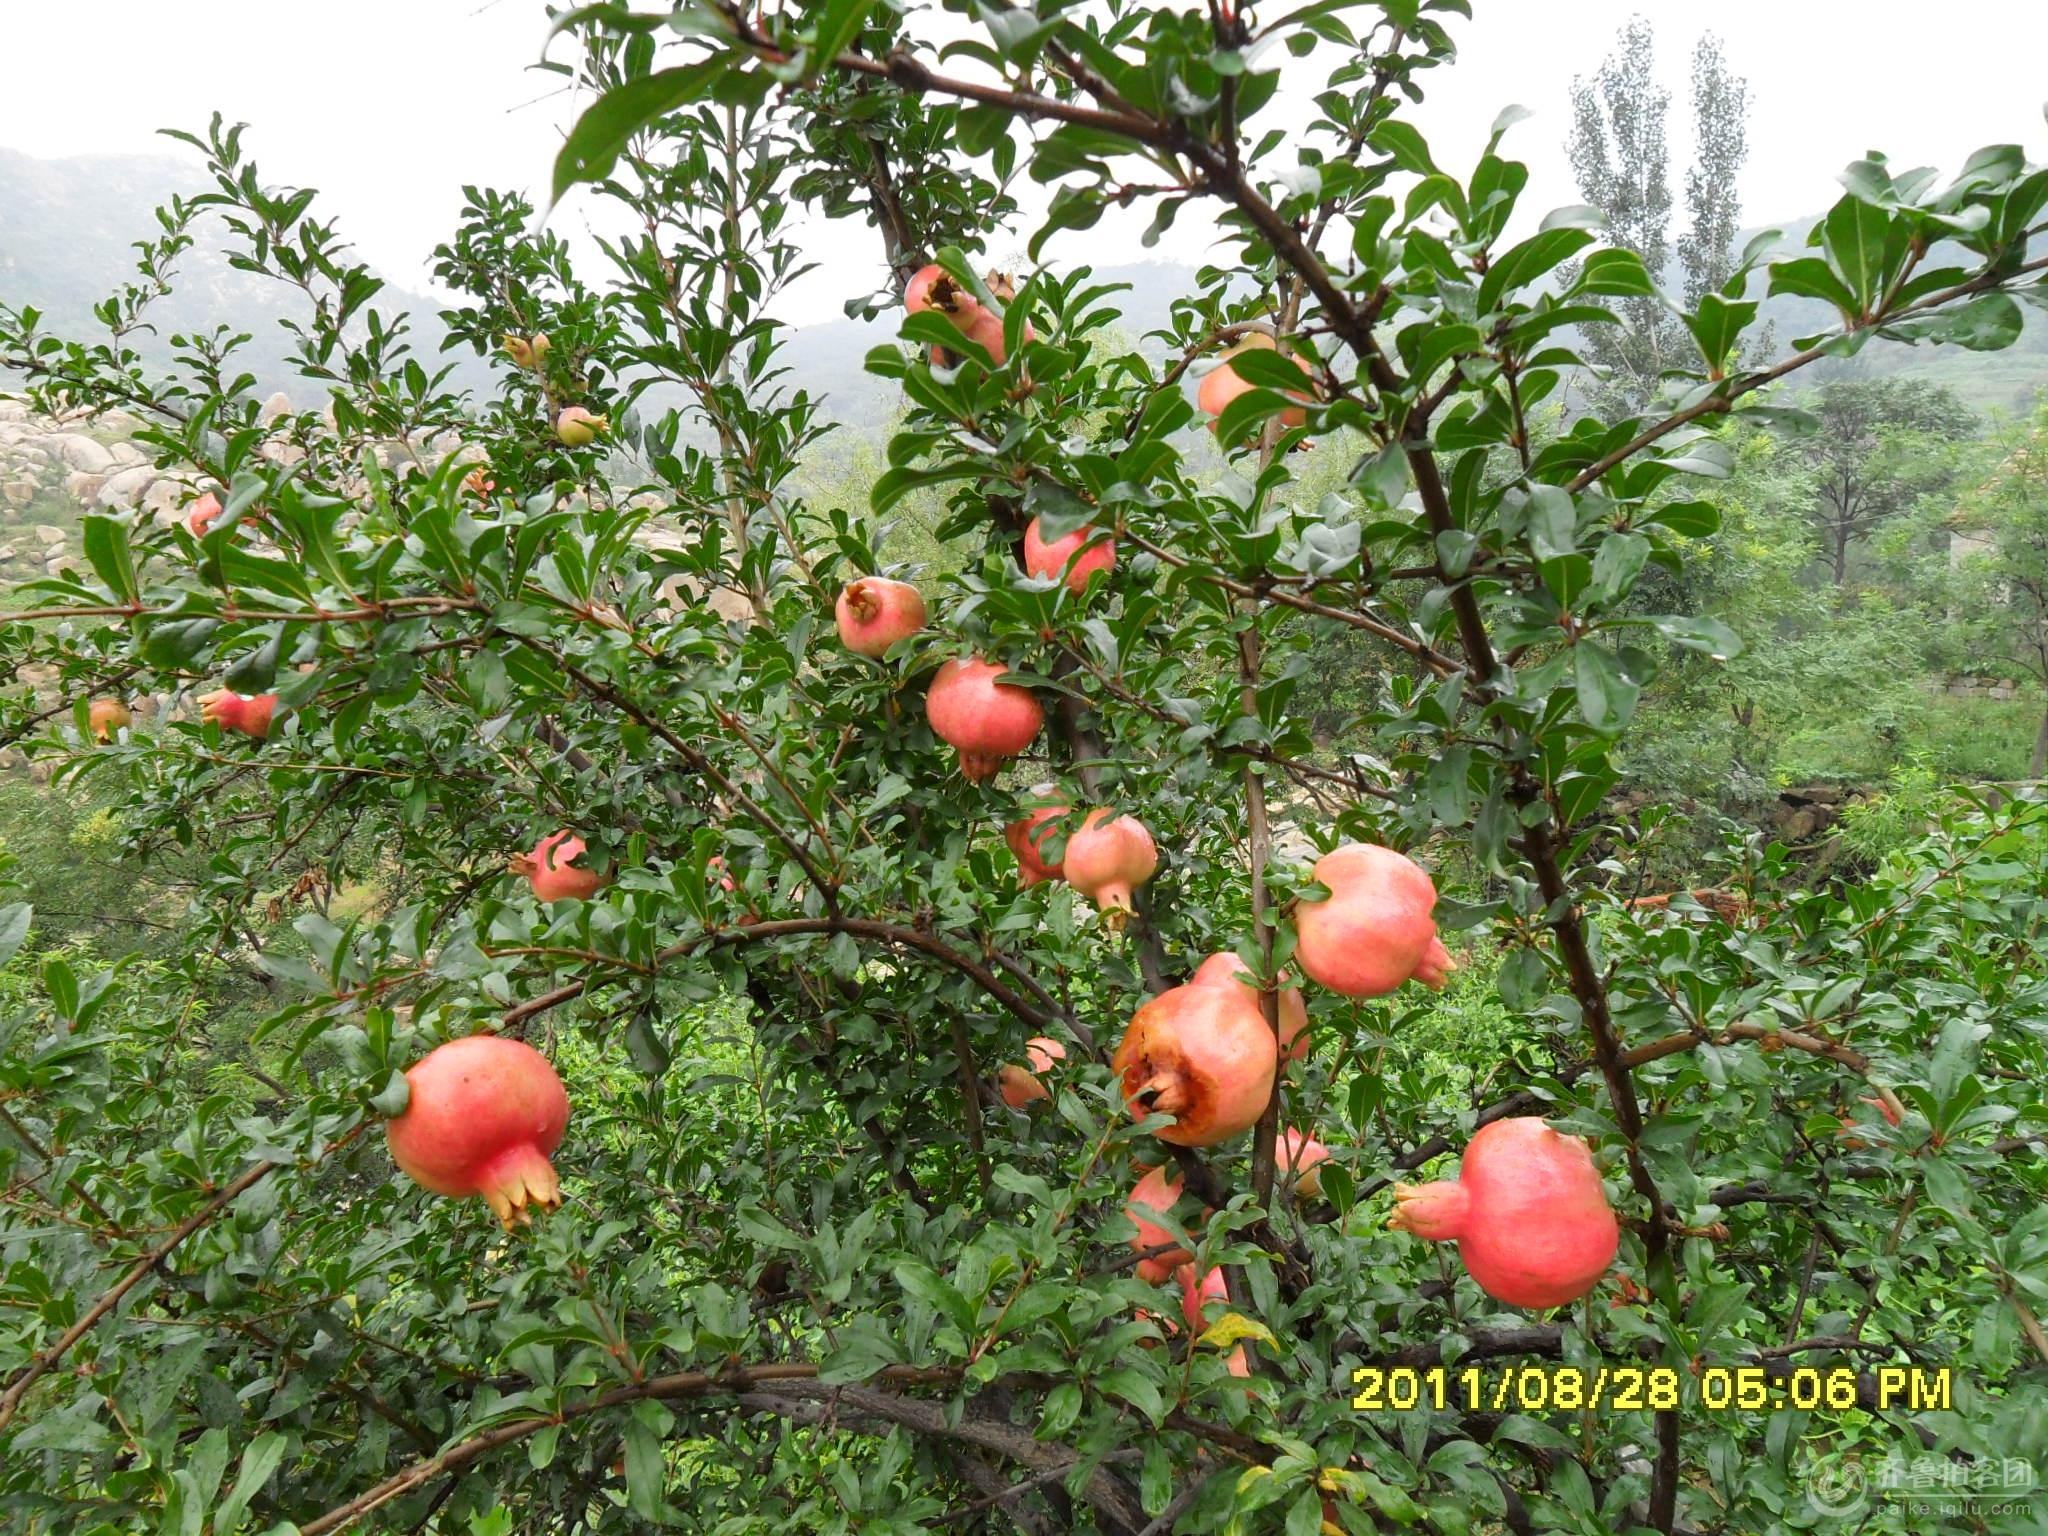 果树丰收带跟图片大全